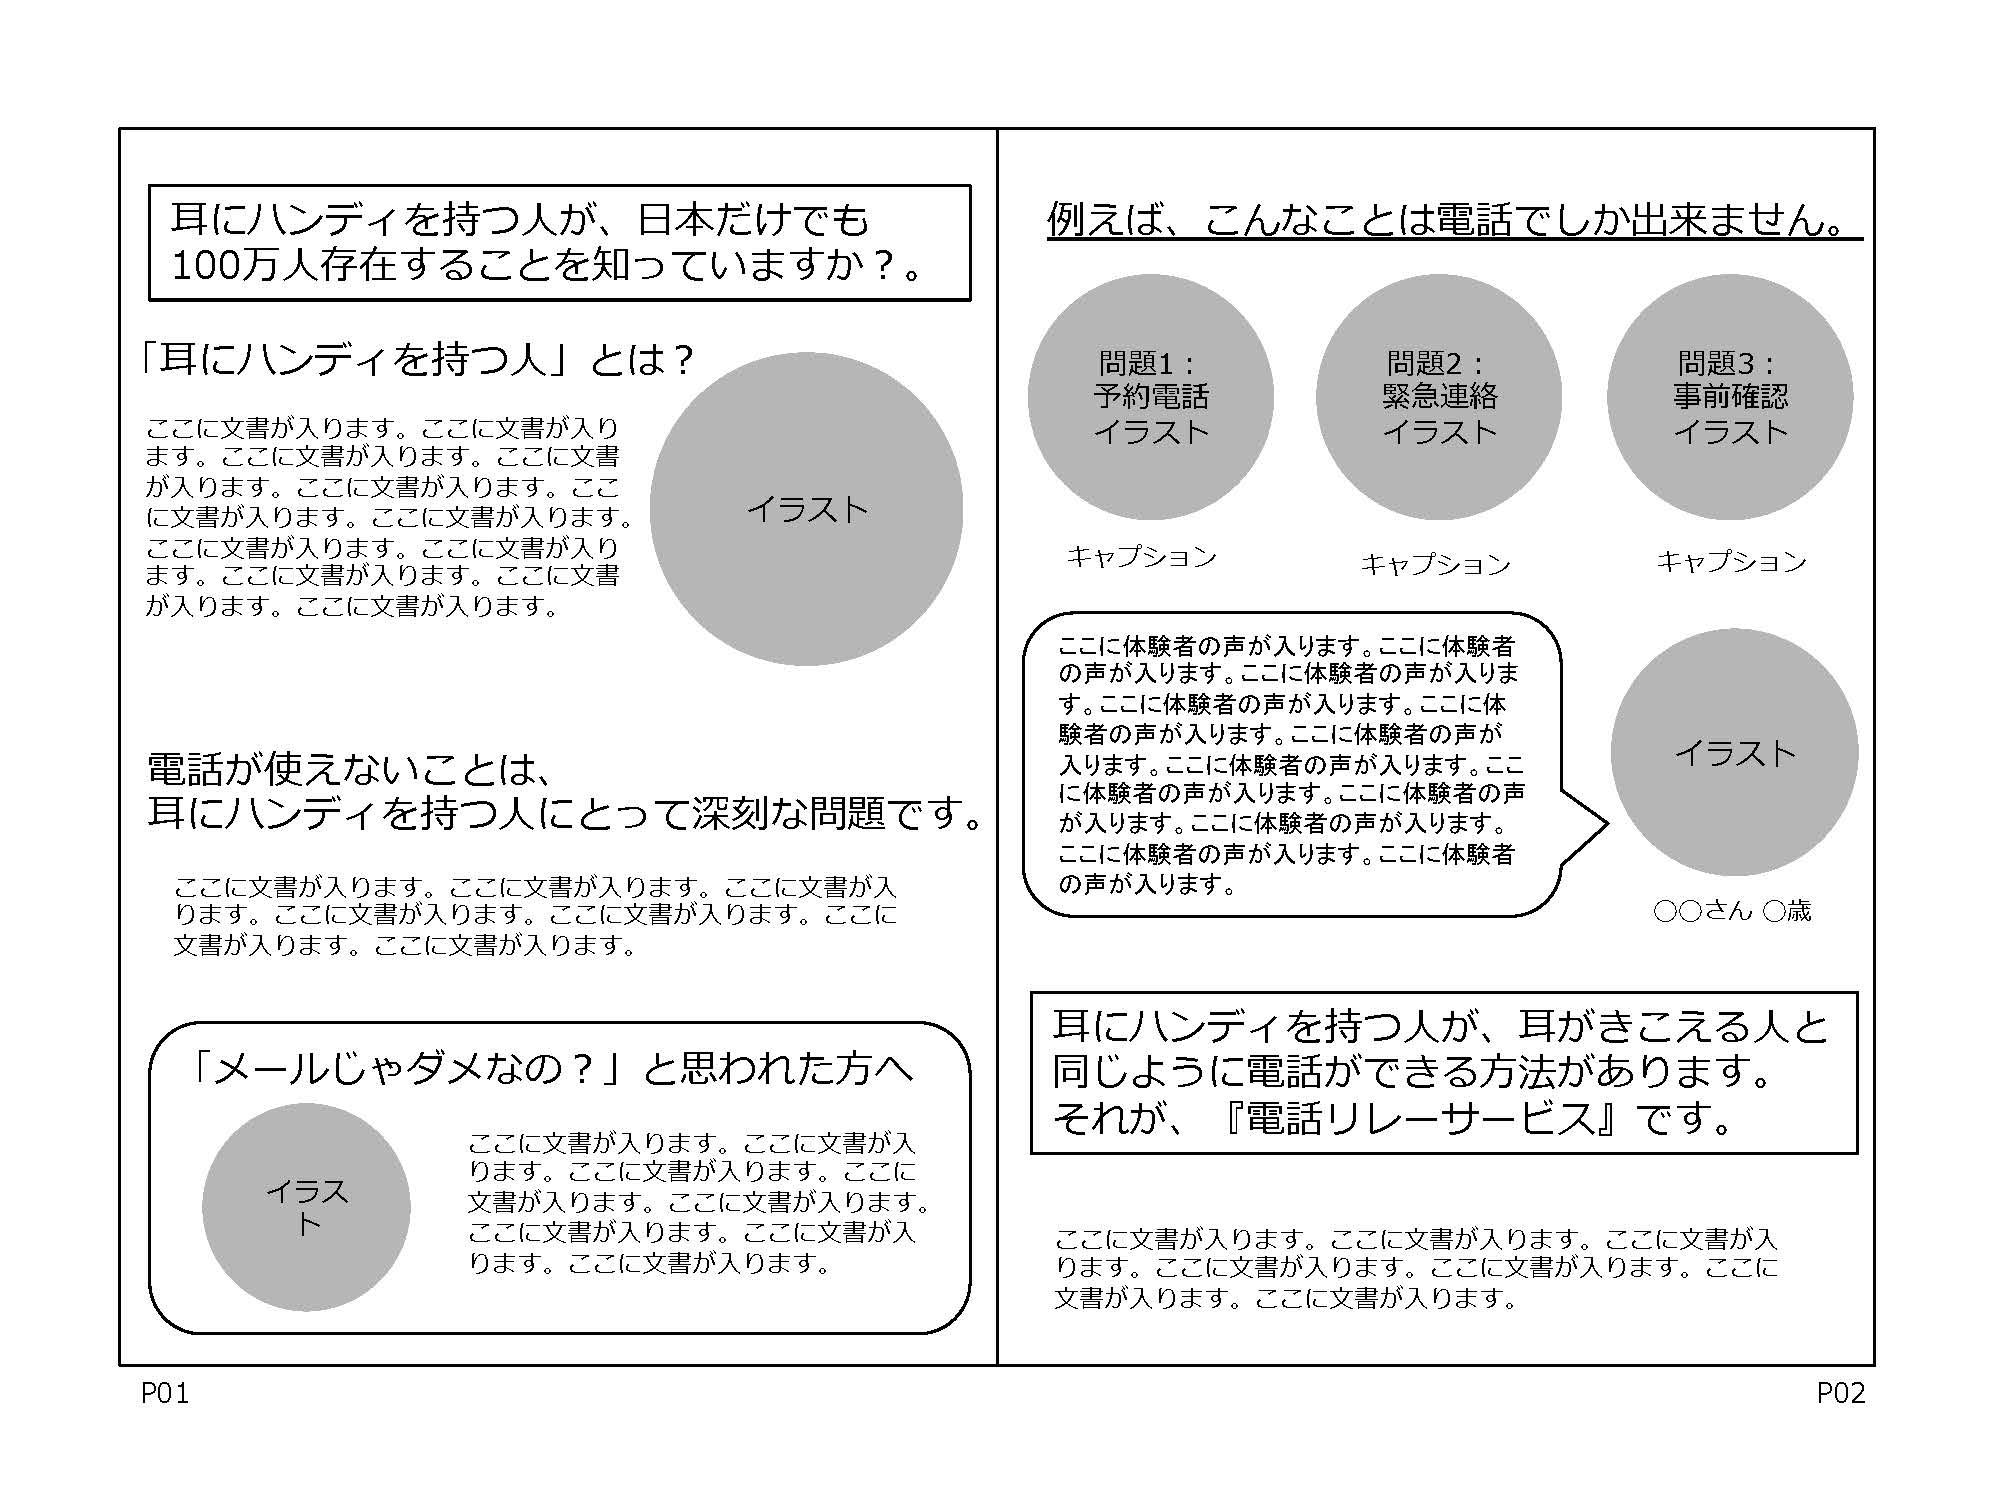 【お知らせ】電話リレーサービス啓発事業について